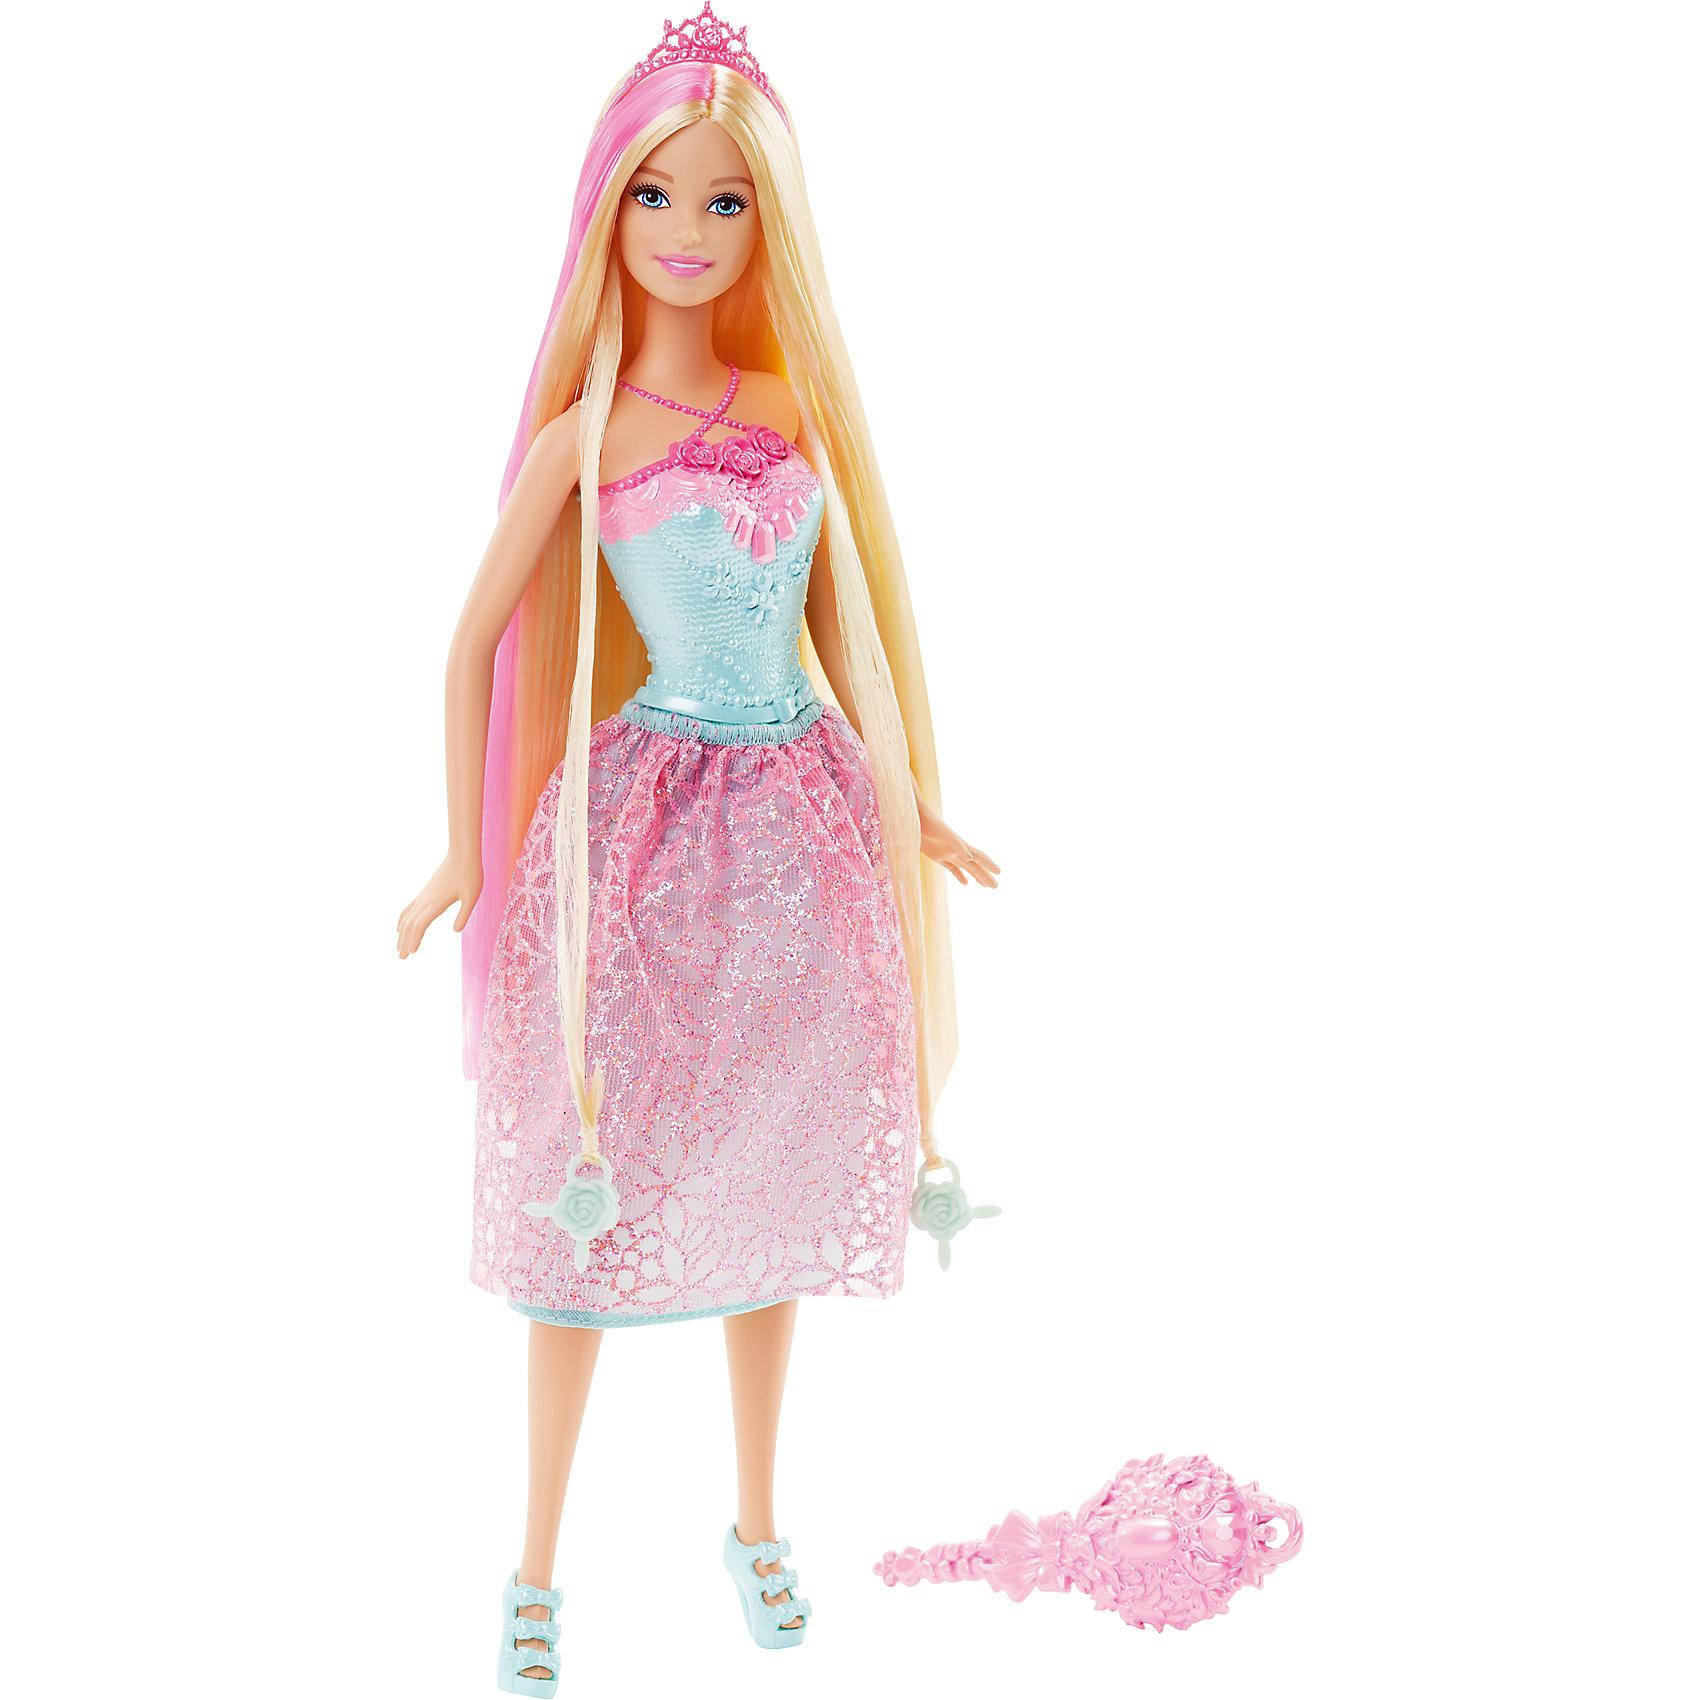 Кукла Принцесса, блондинка, BarbieBarbie<br>Кукла Принцесса, блондинка, Barbie, порадует всех юных любительниц Барби и станет достойным пополнением их коллекции. На этот раз красавица Барби представлена в образе очаровательной принцессы в роскошном наряде. У куколки длинные светлые локоны длиной 20 см. с розовыми прядками, которые можно укладывать в разнообразные прически. Чудесное платье с розовой юбкой в цветочек и бирюзовым лифом декорировано пояском и нарядной вышивкой. Стильный образ дополняют изящные бирюзовые босоножки в тон лифа и красивая розовая диадема. Тело куколки на шарнирах, ноги и руки сгибаются и разгибаются, благодаря чему она может принимать различные положения. В комплект также входит расческа и два украшения-бусинки для волос, подходящие к парикмахерским инструментам Barbie из набора Barbie Snapn Style Princess Doll (продается отдельно).<br><br>Дополнительная информация:<br><br>- Материал: пластик, текстиль.<br>- Высота куклы: 29 см.<br>- Размер упаковки: 12,7 x 6 x 32,4 см.<br>- Вес: 0,24 кг.<br><br>Куклу Принцесса, блондинка, Barbie, Mattel, можно купить в нашем интернет-магазине.<br><br>Ширина мм: 324<br>Глубина мм: 119<br>Высота мм: 55<br>Вес г: 176<br>Возраст от месяцев: 36<br>Возраст до месяцев: 72<br>Пол: Женский<br>Возраст: Детский<br>SKU: 4349939